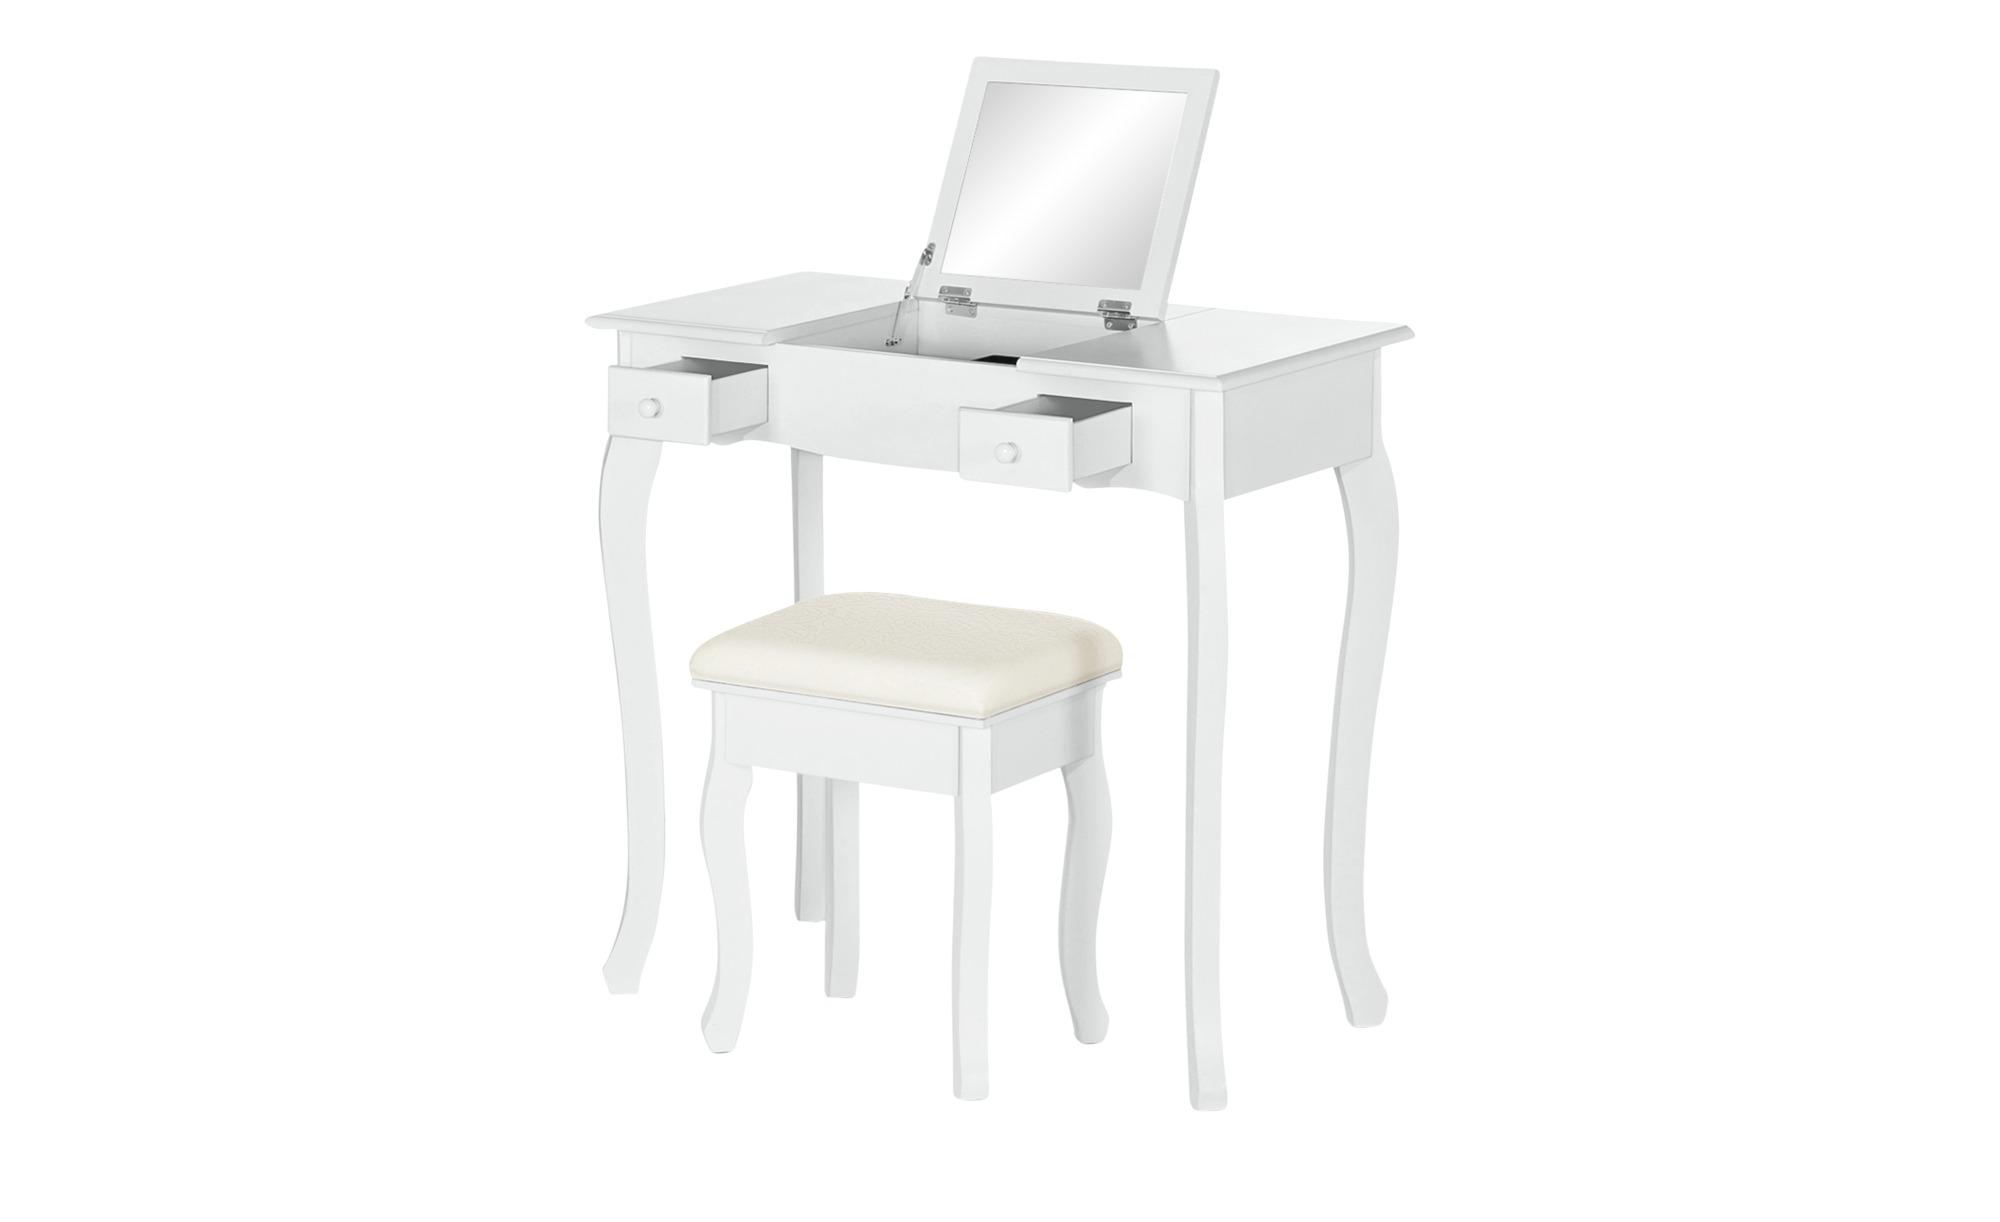 Schminktisch mit Hocker - weiß - 80 cm - 73,5 cm - 40 cm - Tische > Beistelltische - Möbel Kraft